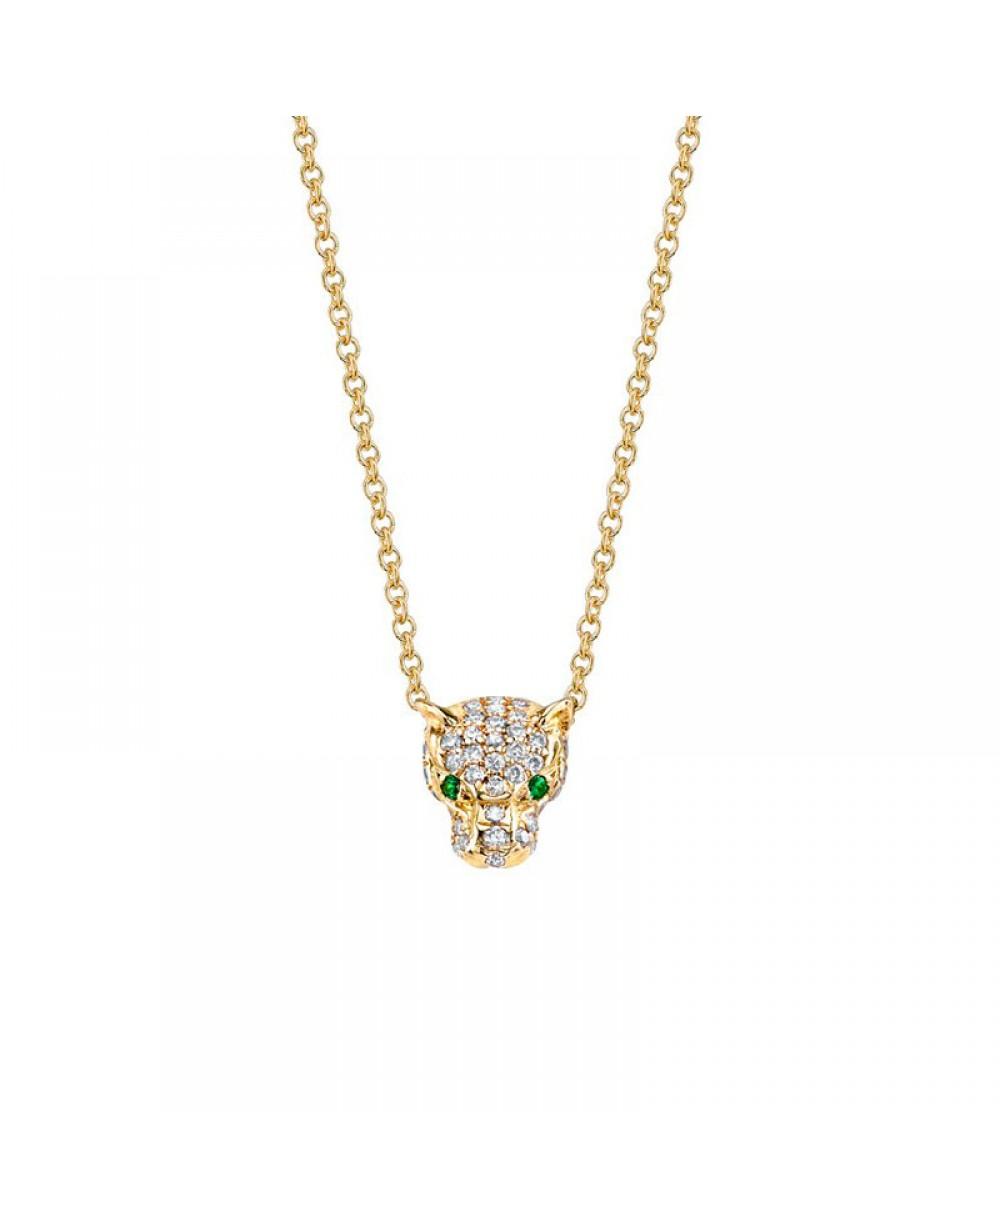 ac474d770cabc Colar Pantera em Ouro 18K com Esmeraldas e Diamantes lapidação brilhante